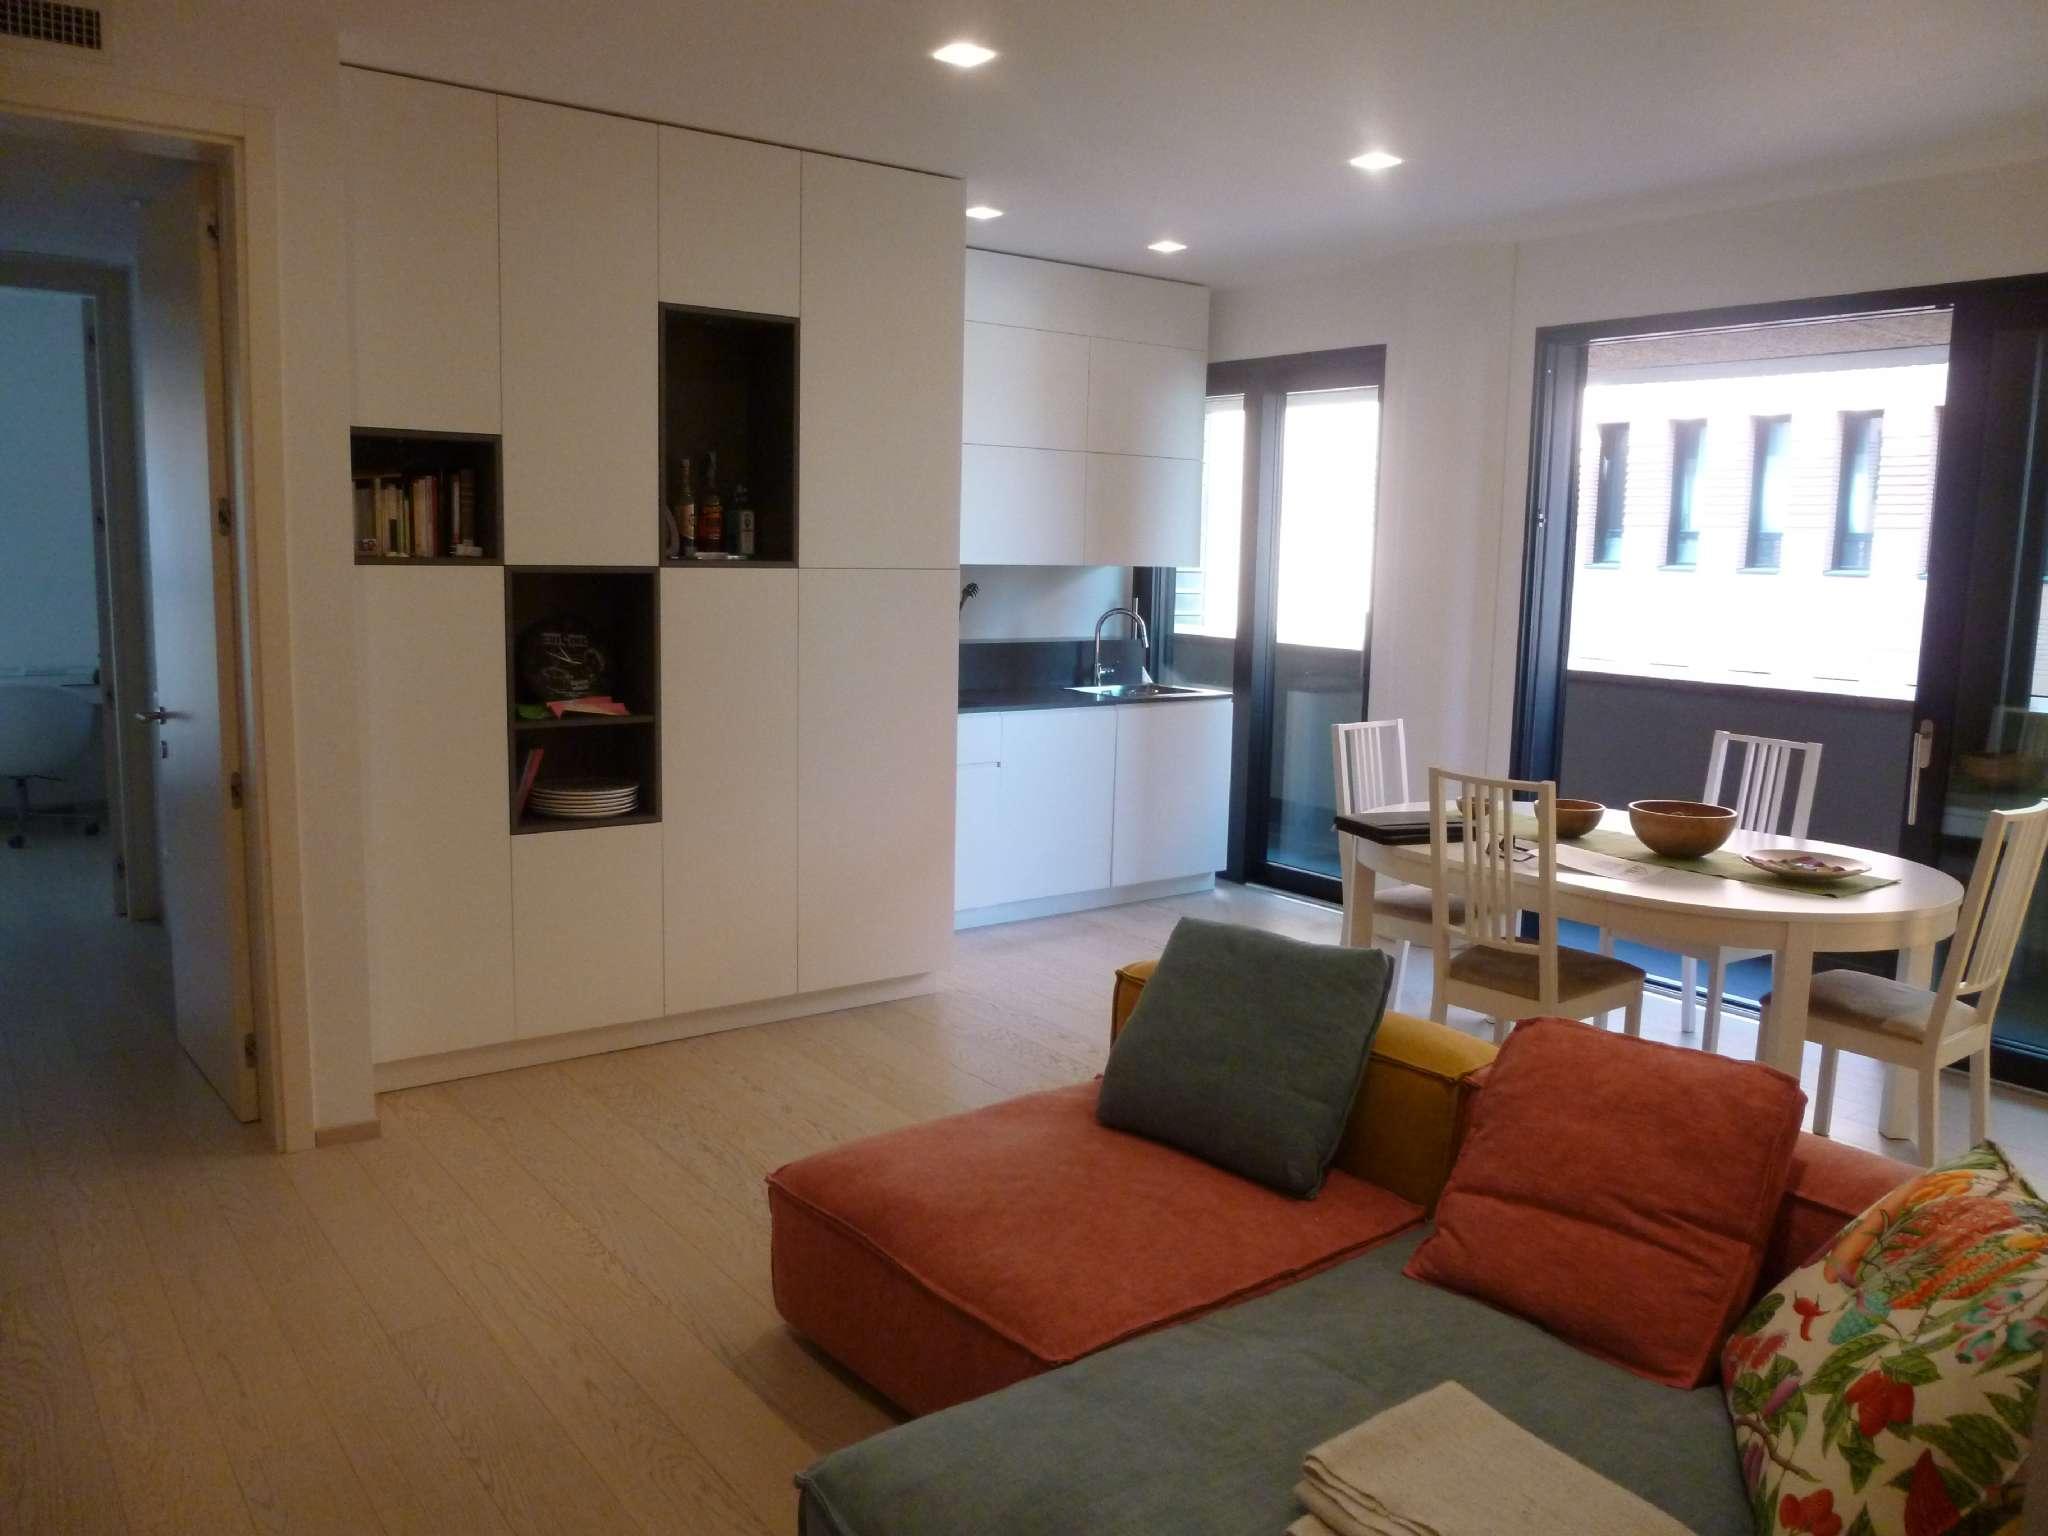 appartamento con terrazzo a Treviso - Cambiocasa.it